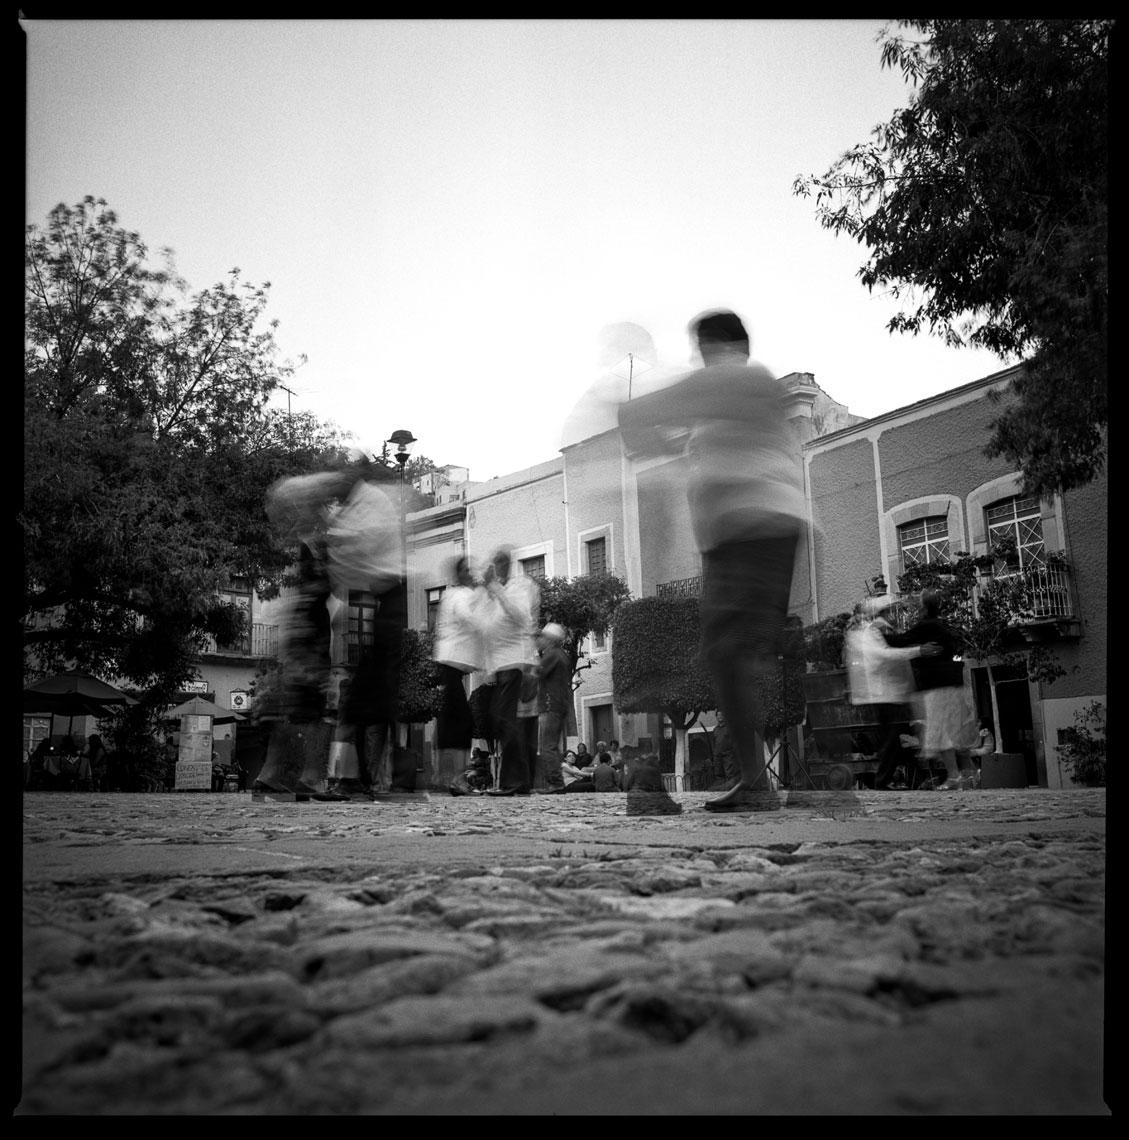 Dancing on the square Guanajuato, Mexico, 2012